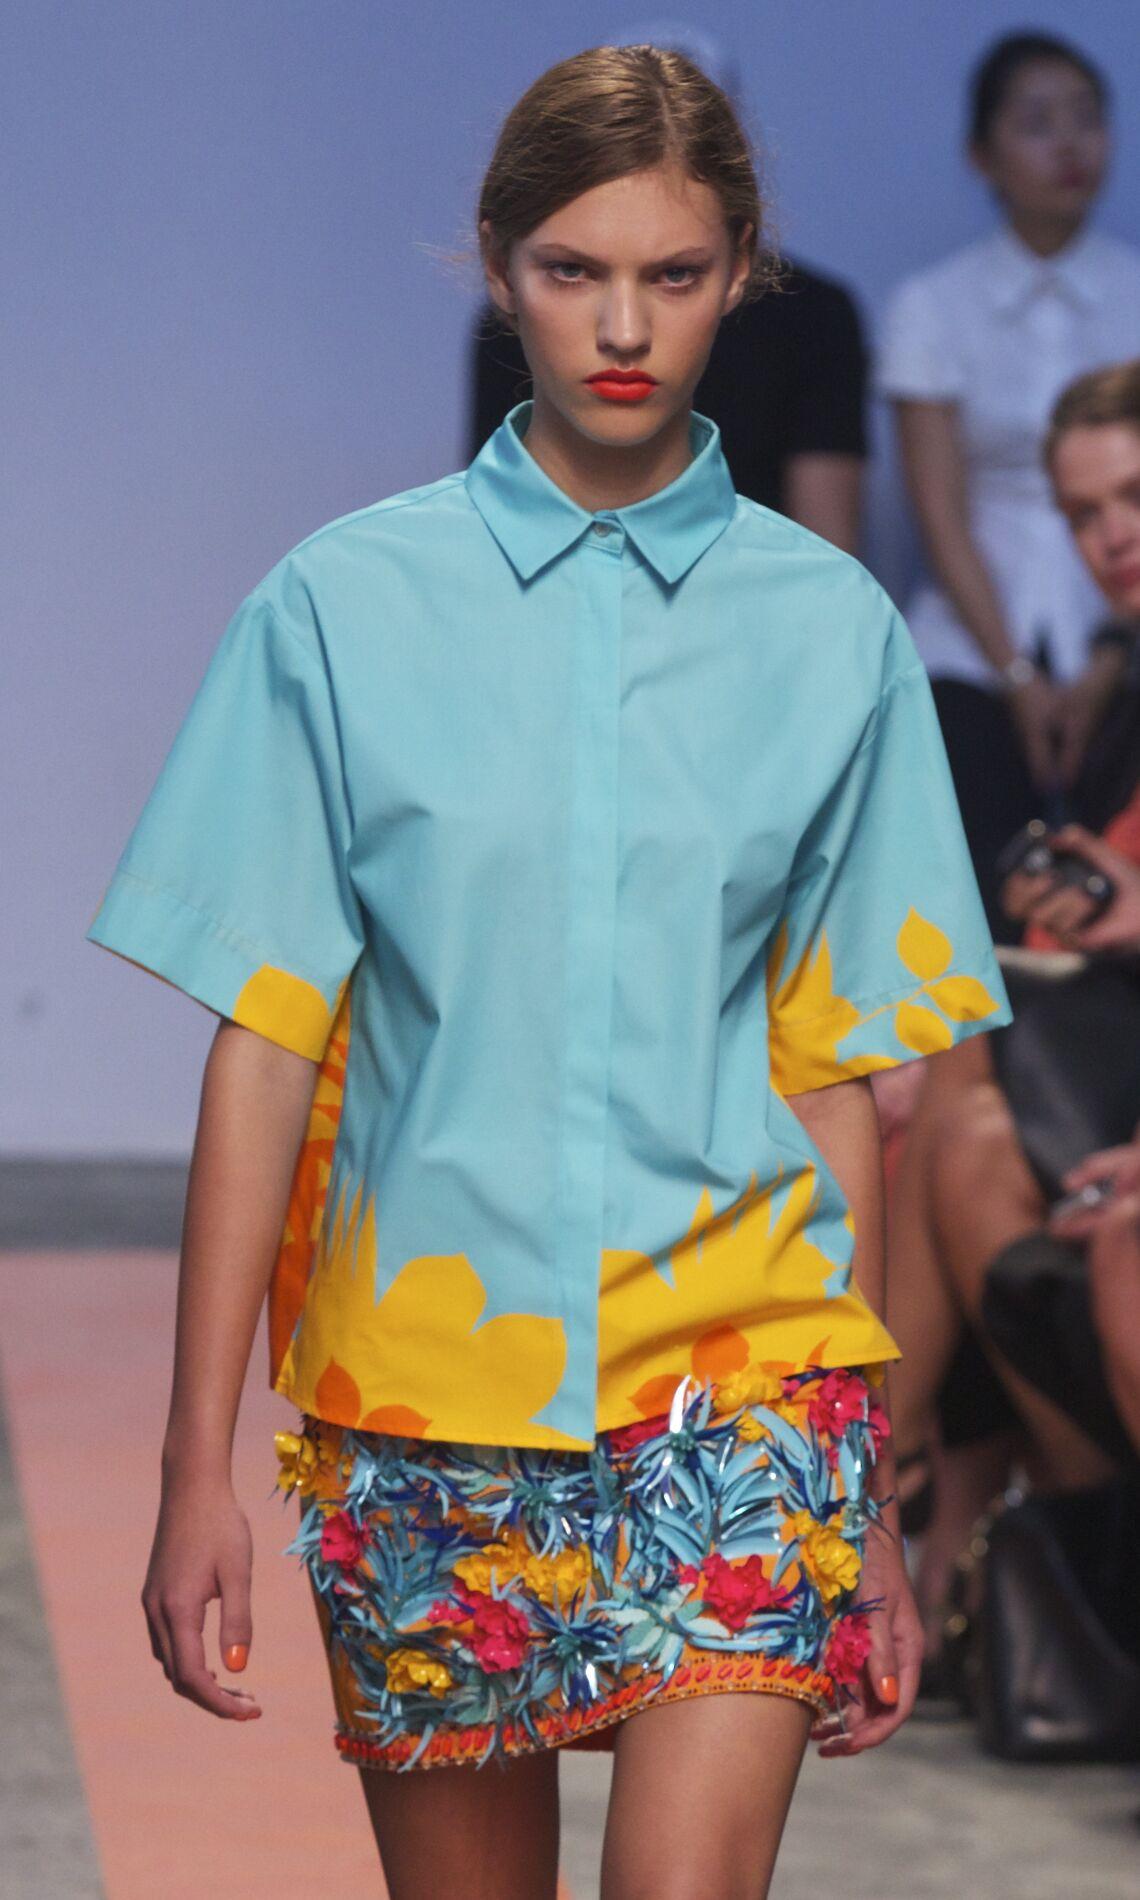 MSGM Woman Milano Fashion Week